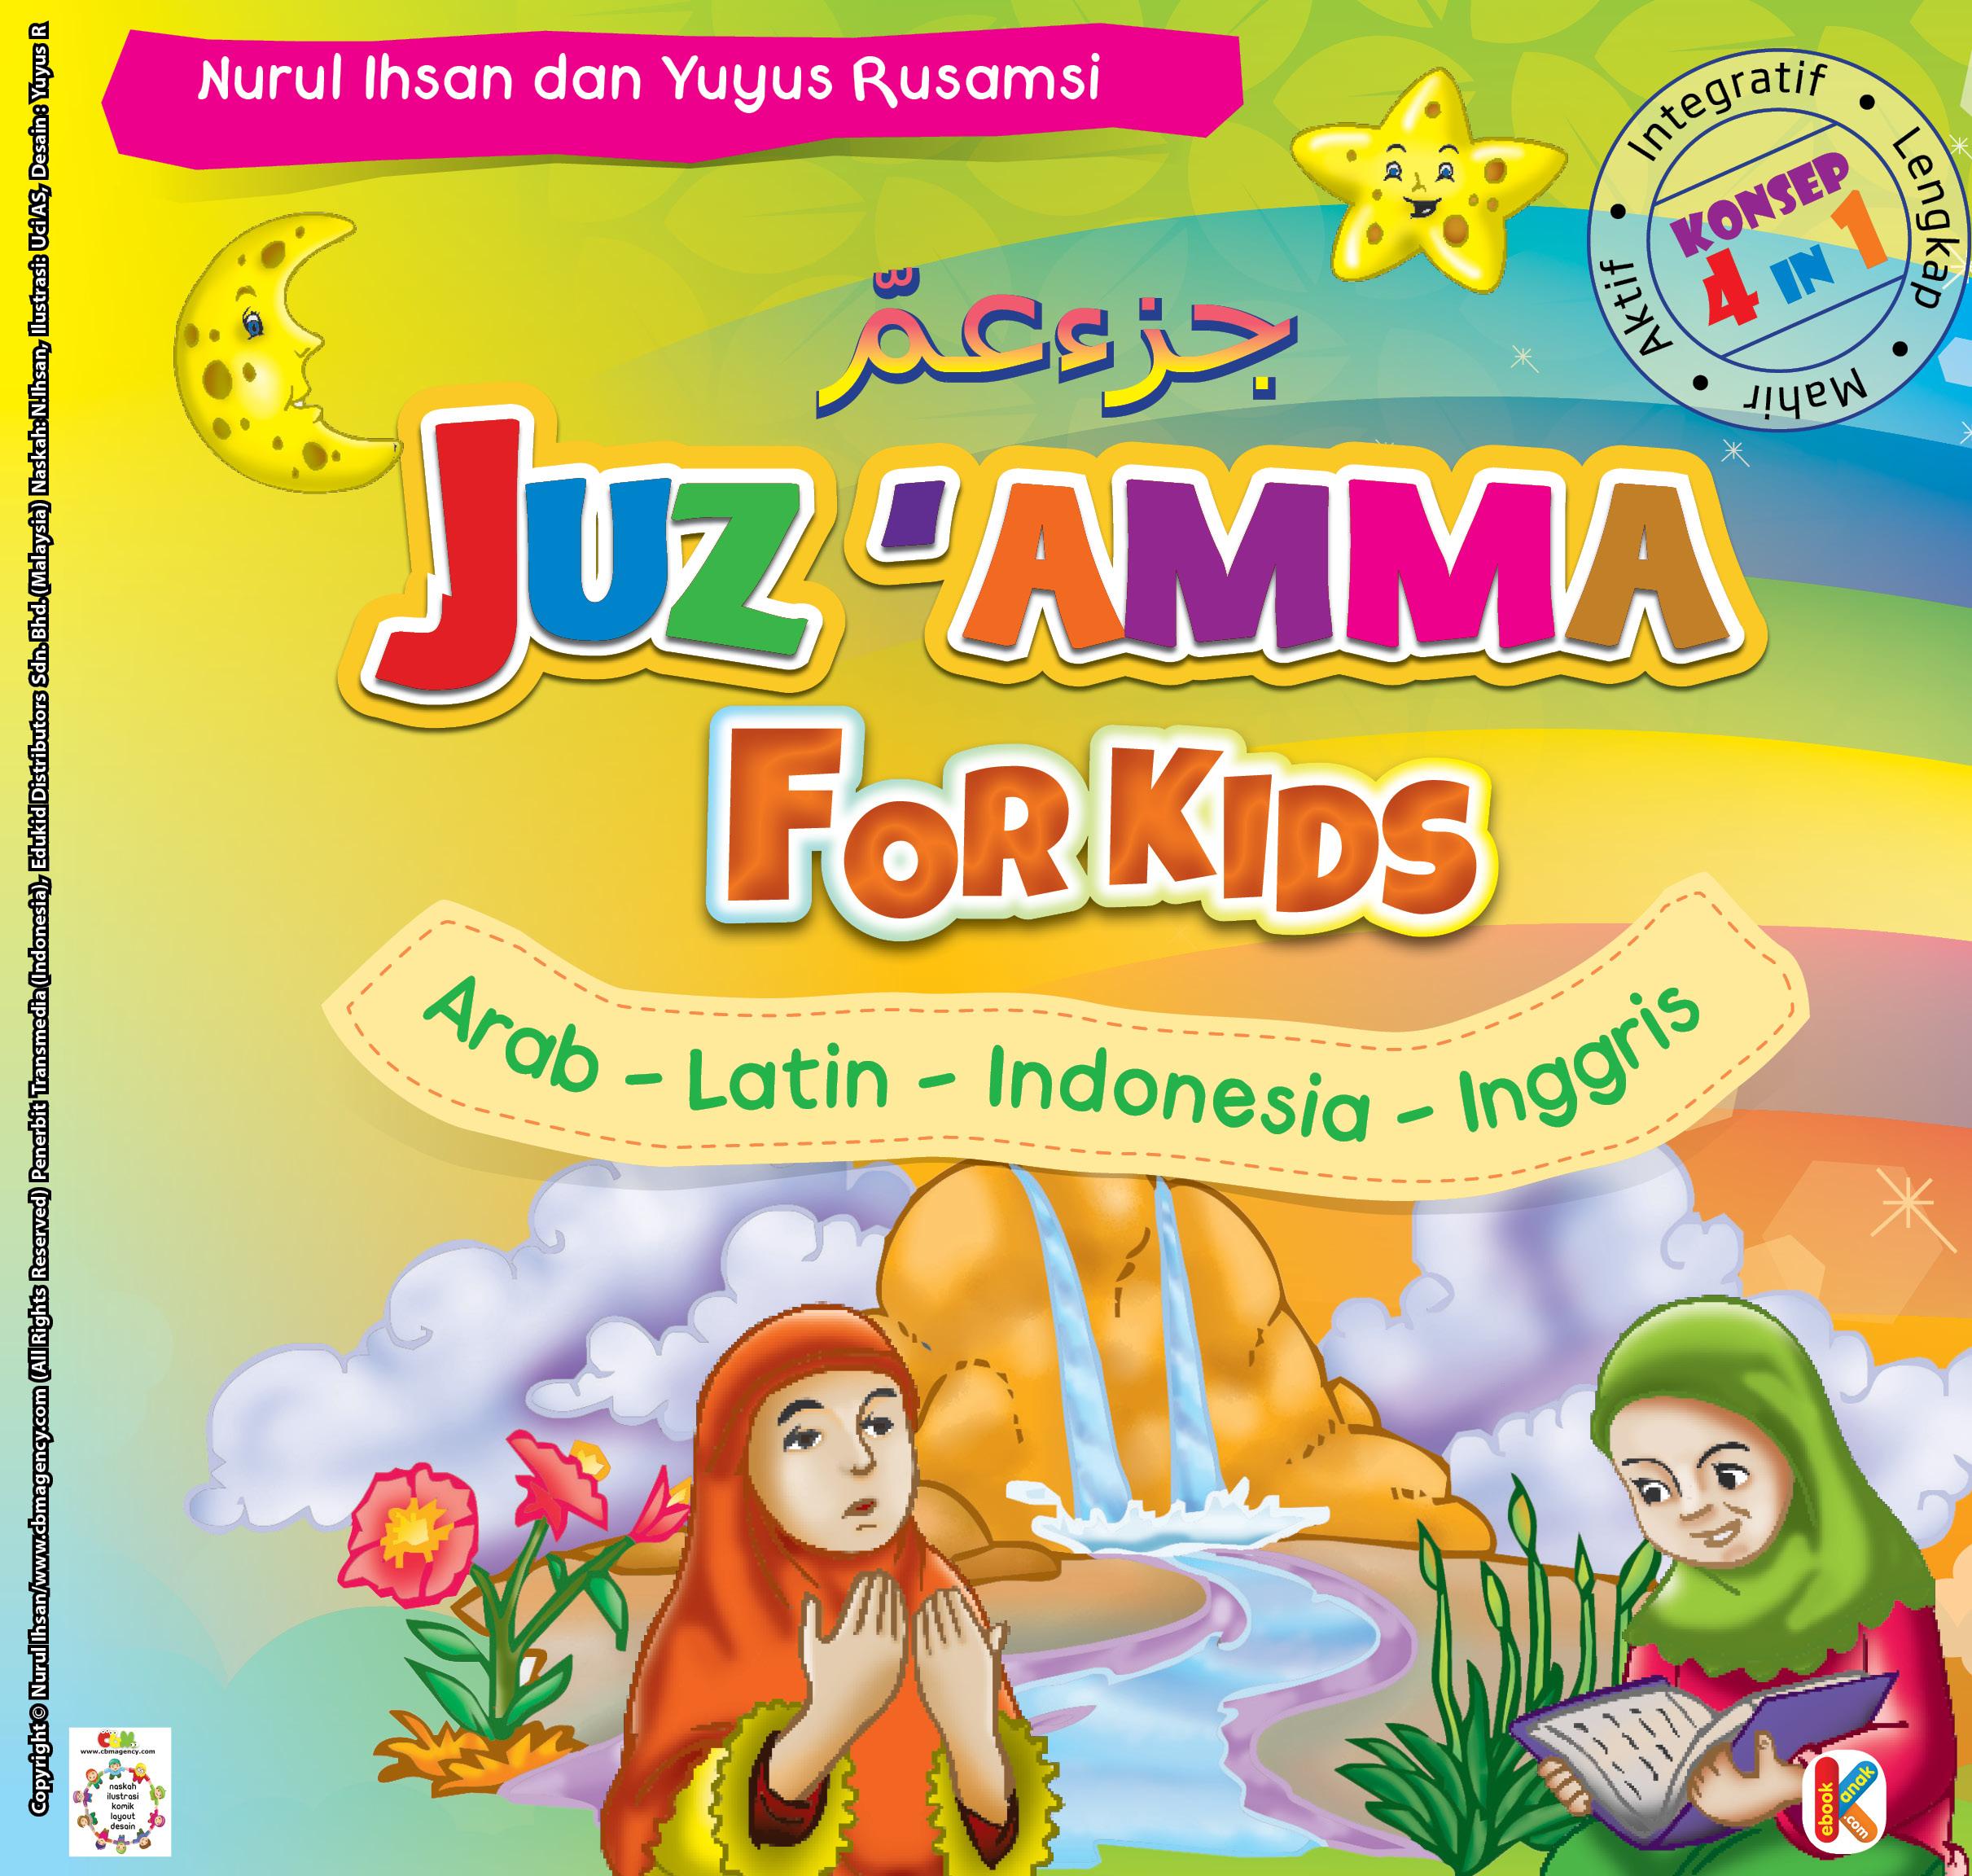 Download Ebook Buku Pintar Juz Amma for Kids 3 Bahasa